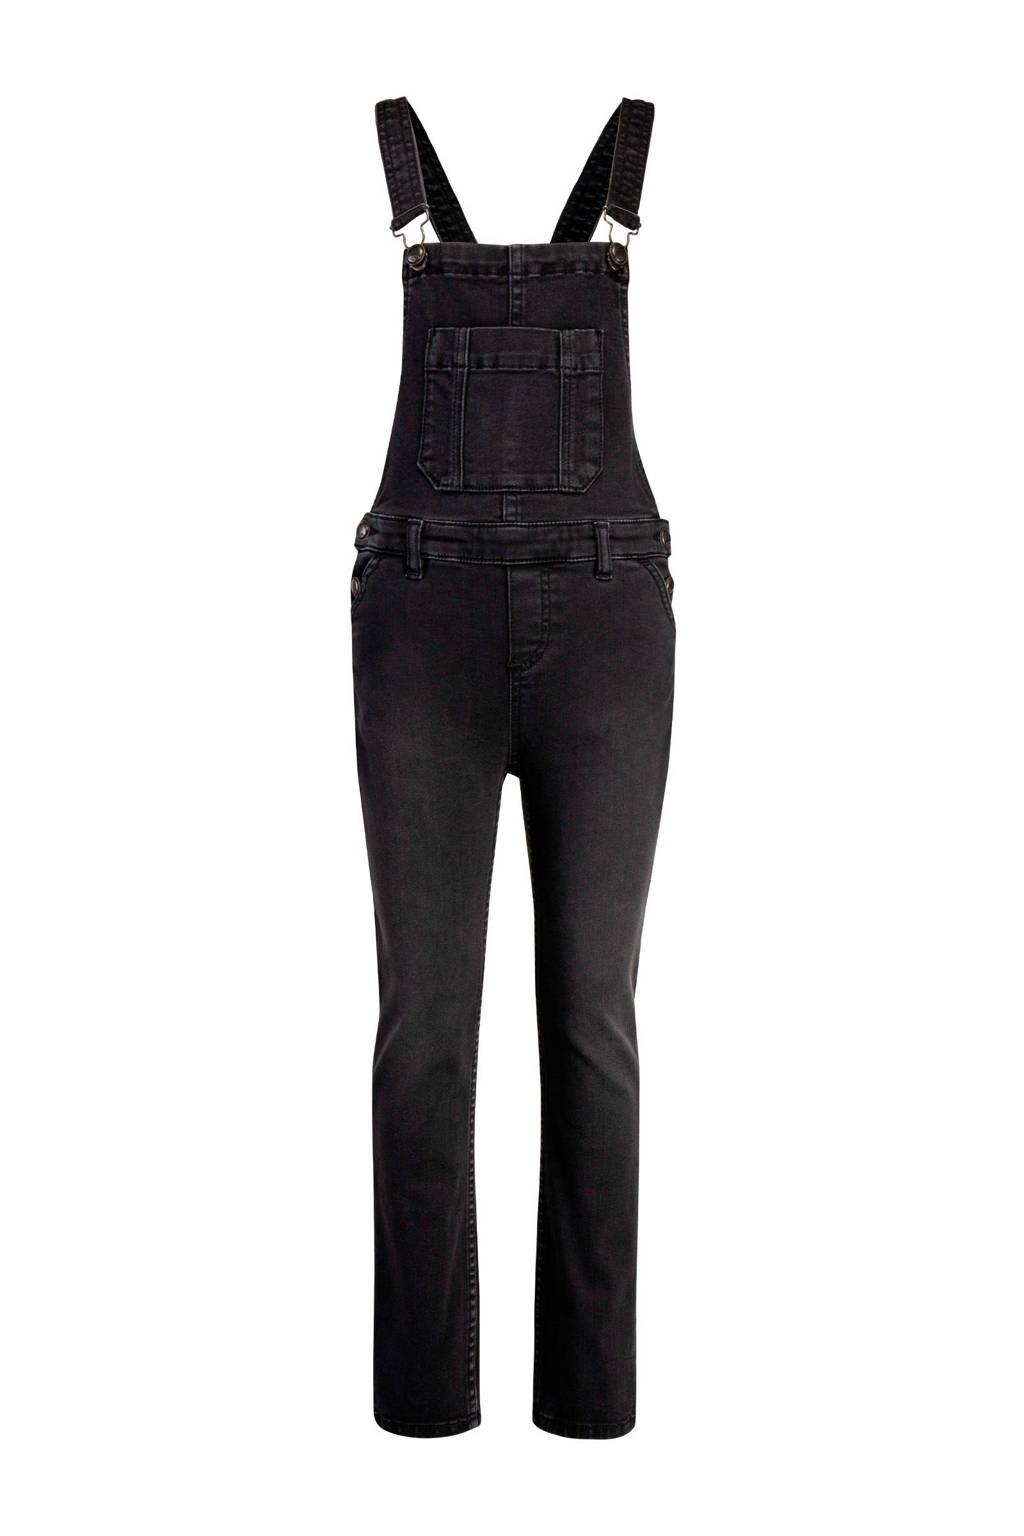 CKS KIDS jumpsuit Granger zwart, Zwart